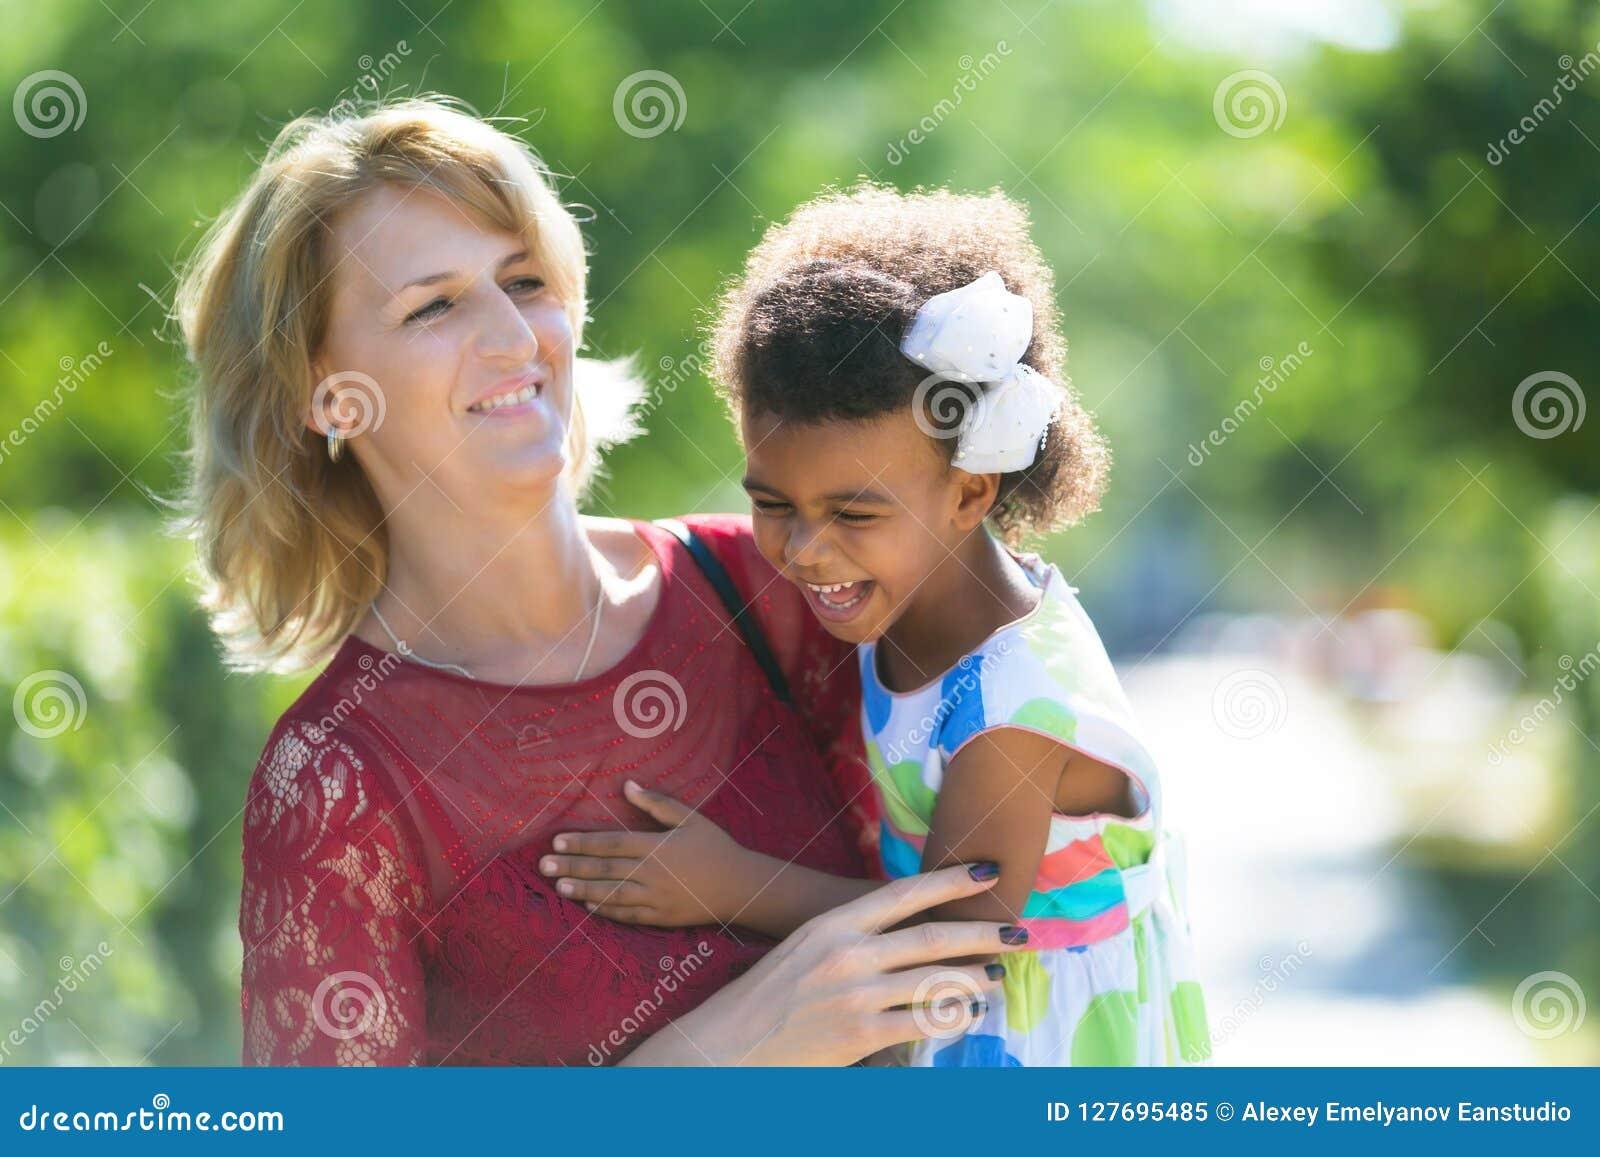 mon fils sort avec une fille blanche